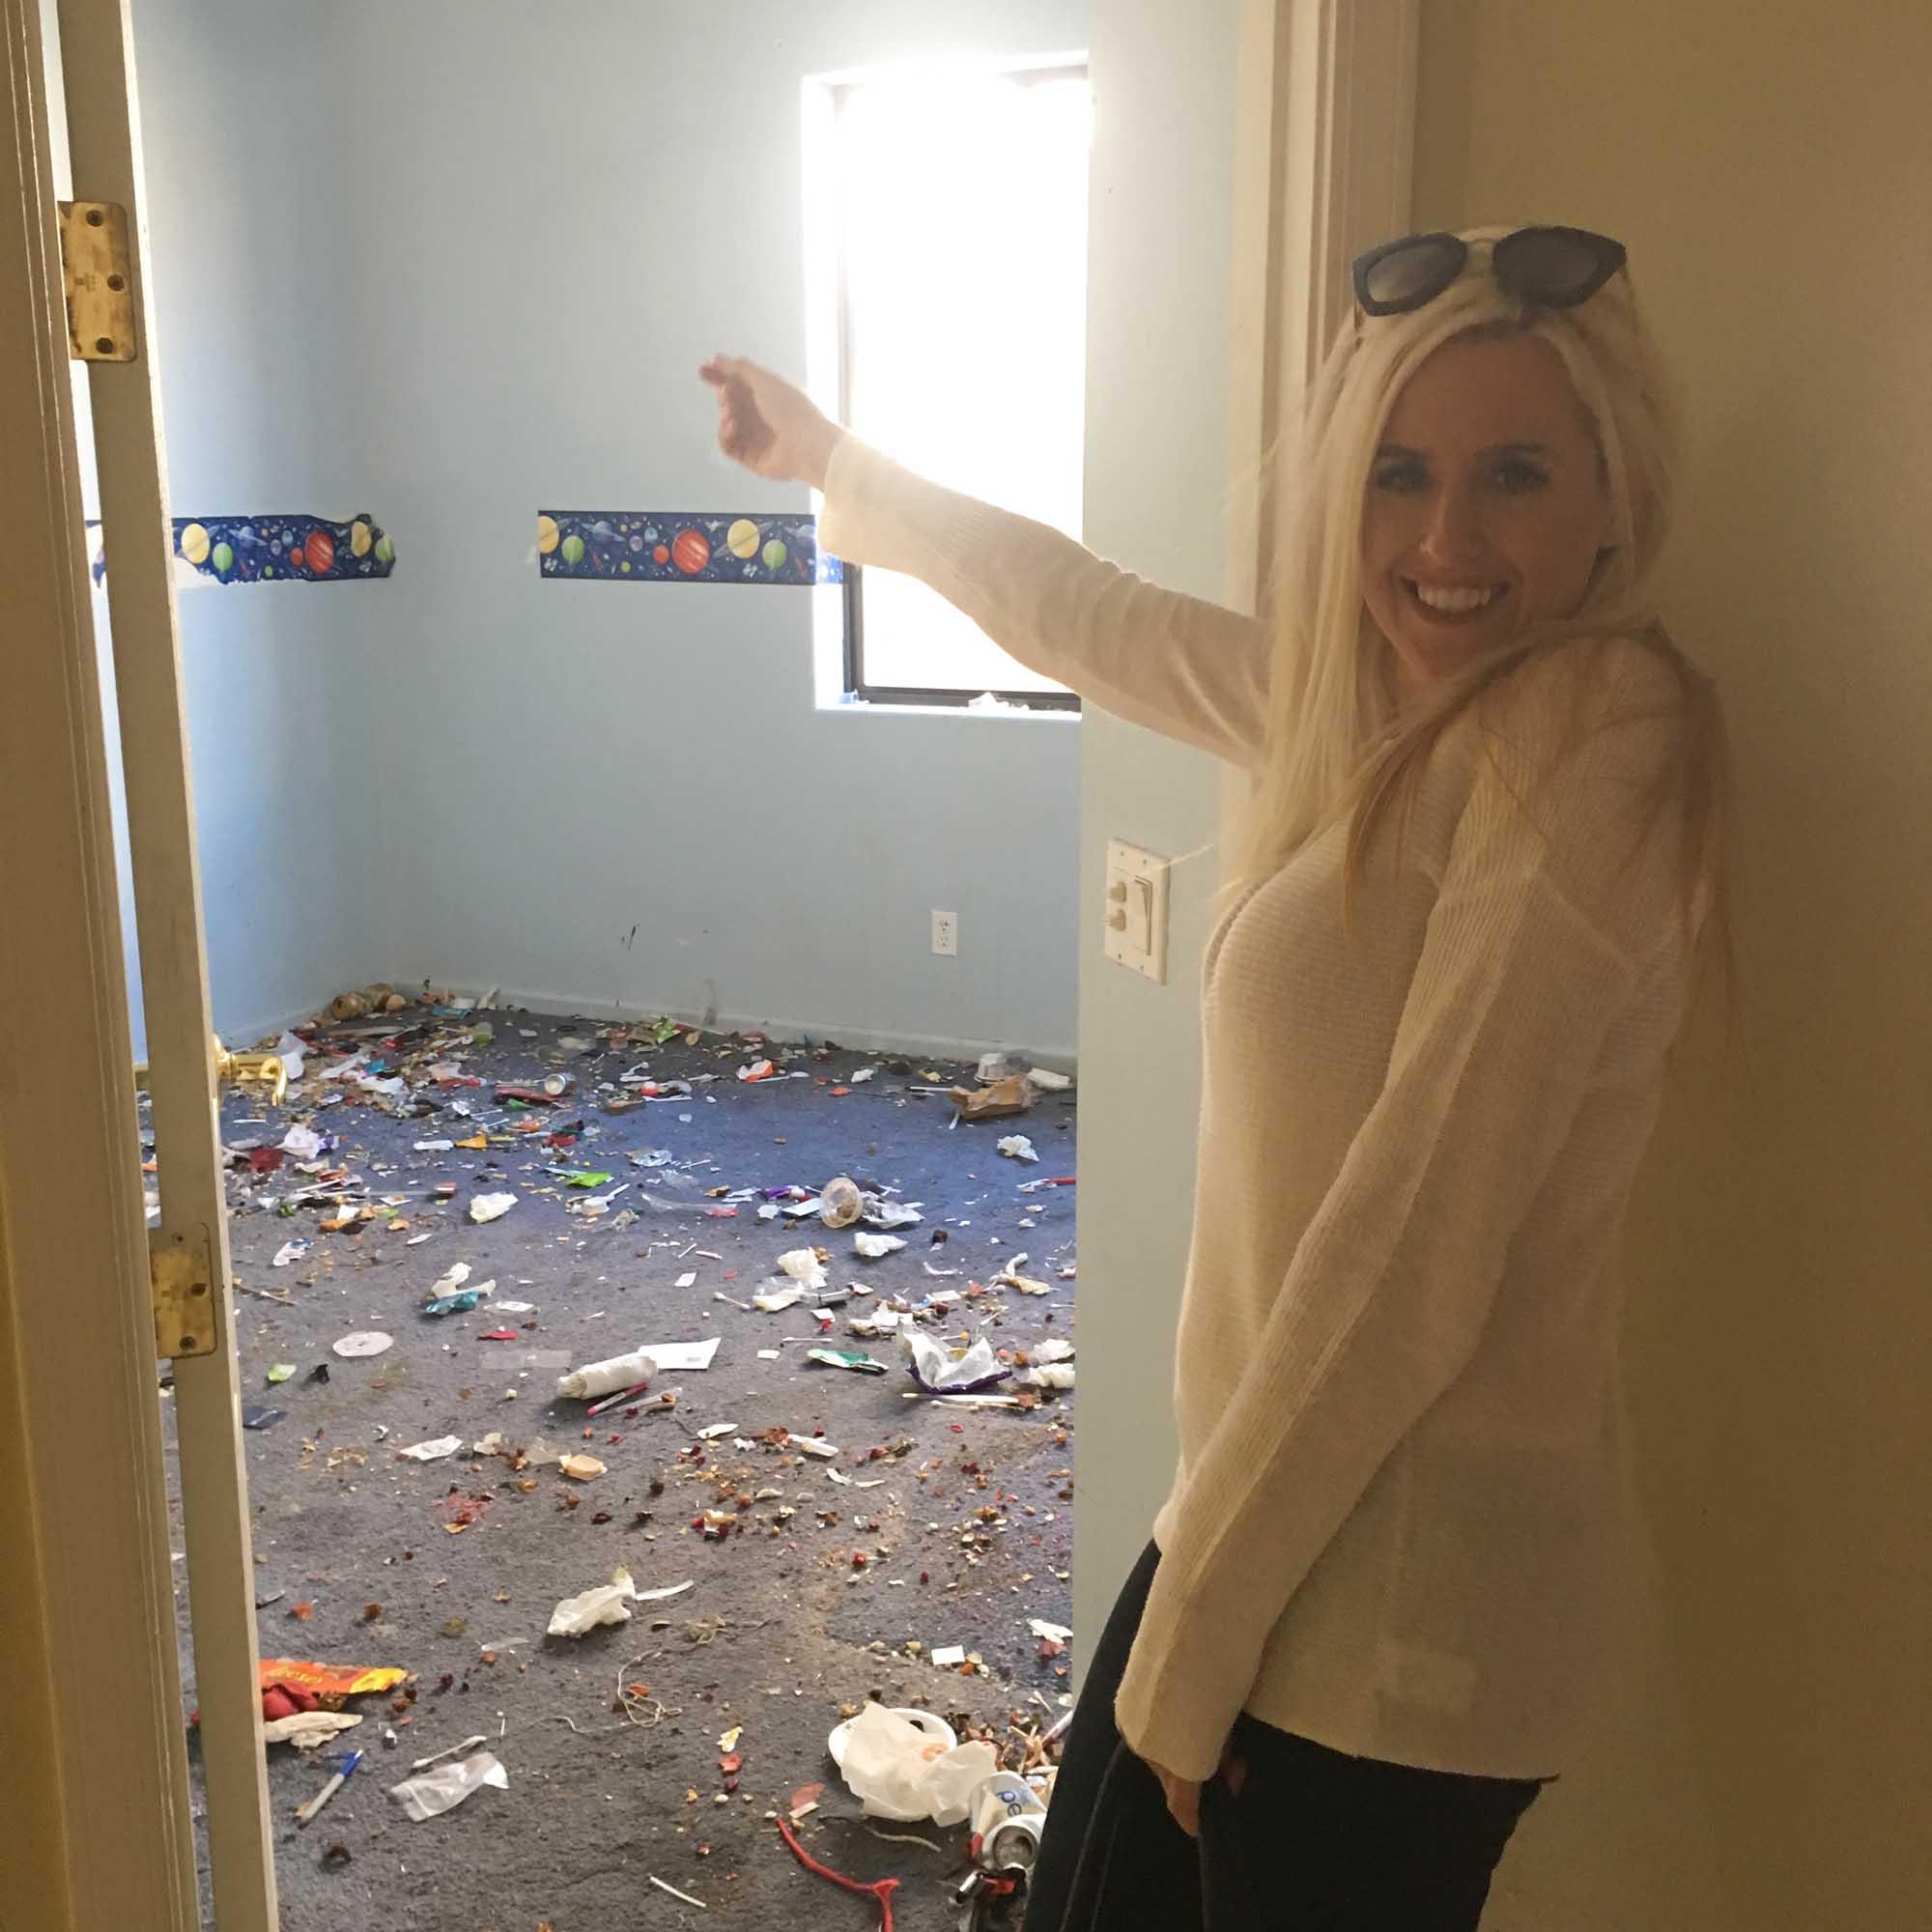 Woman standing beside the room door